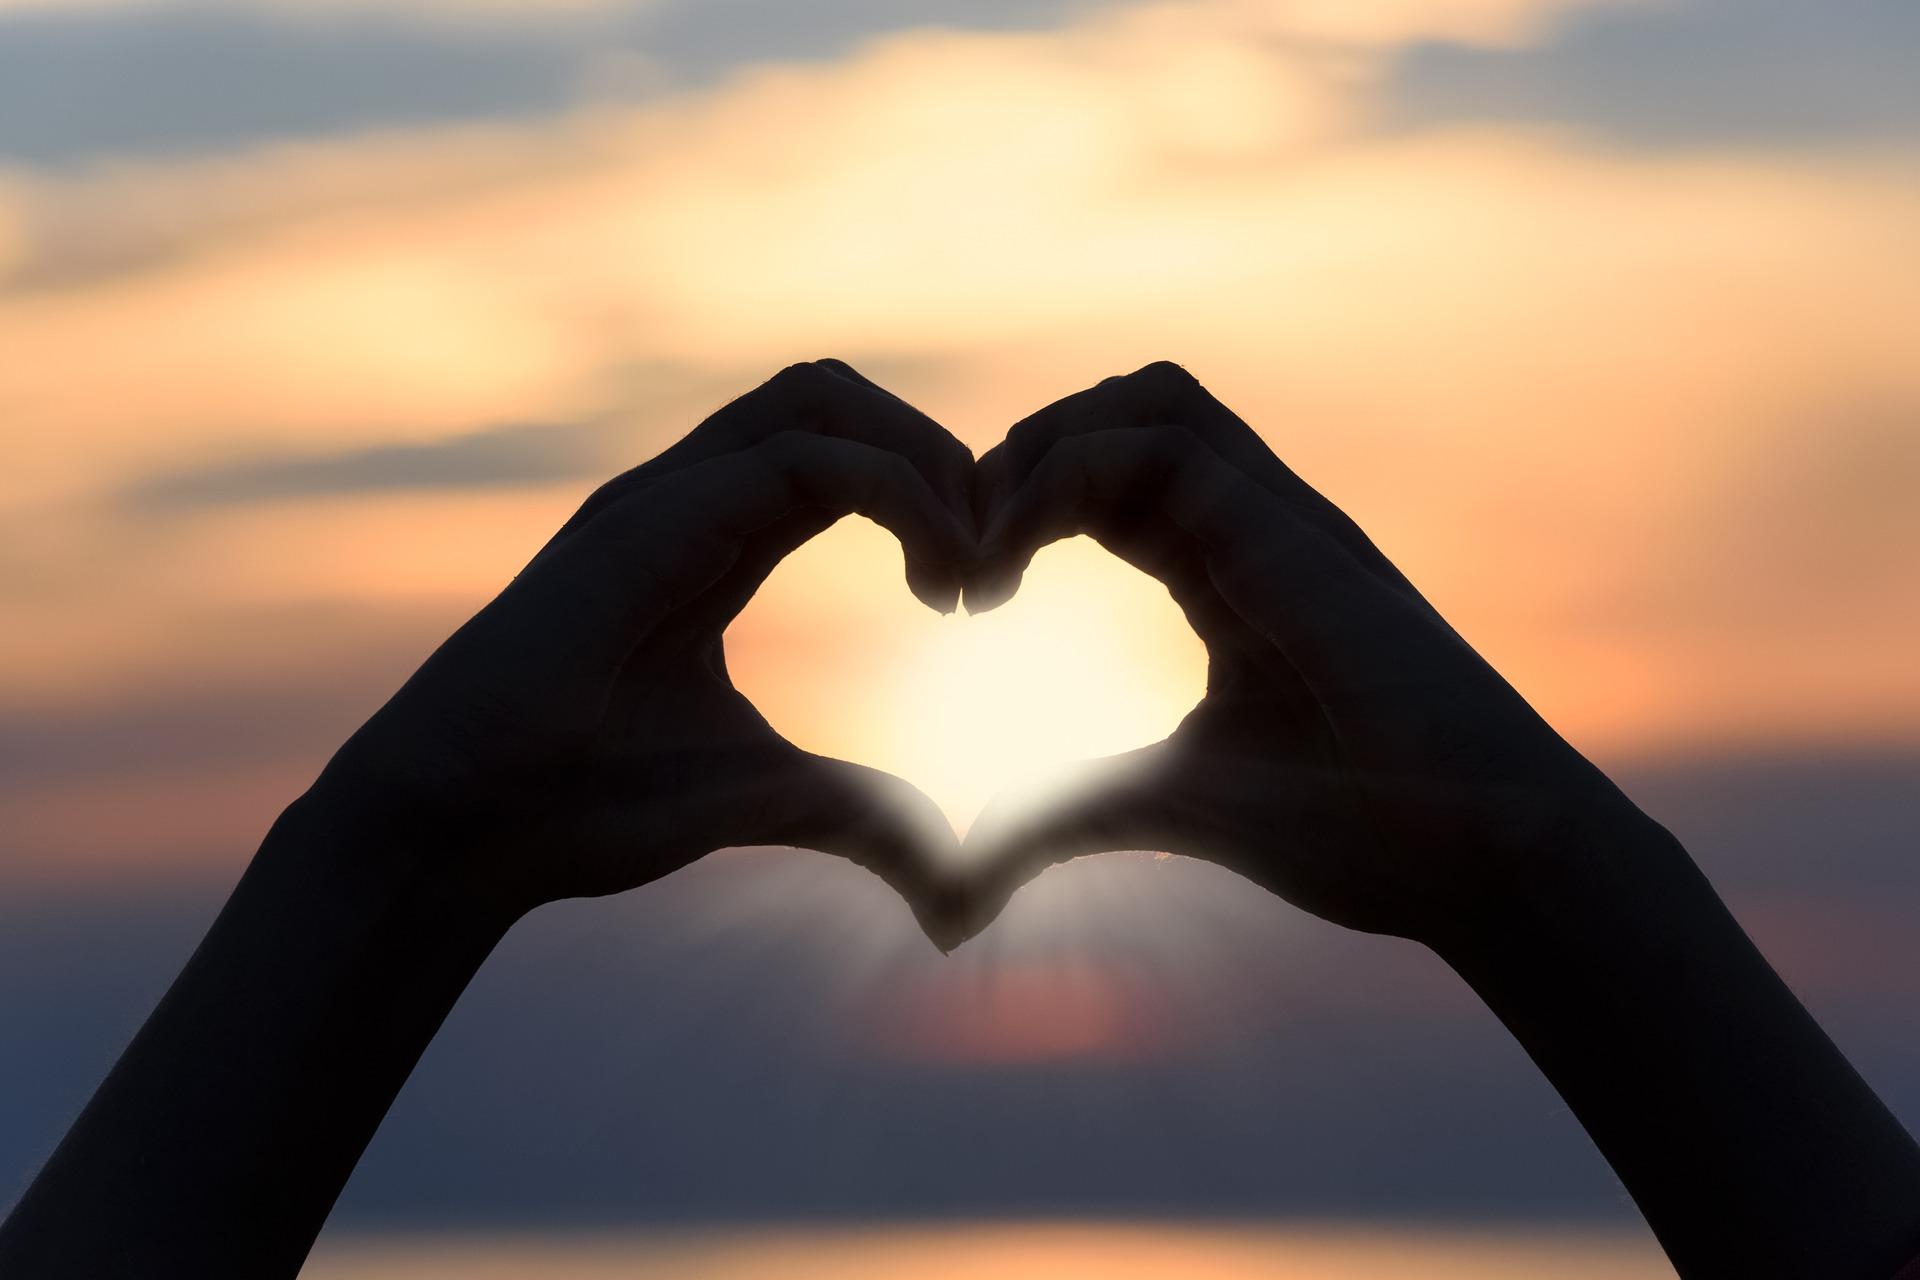 恋愛で気を付けるべき風水とは?恋愛運をUPさせるために必要な風水のテクニックを徹底解説